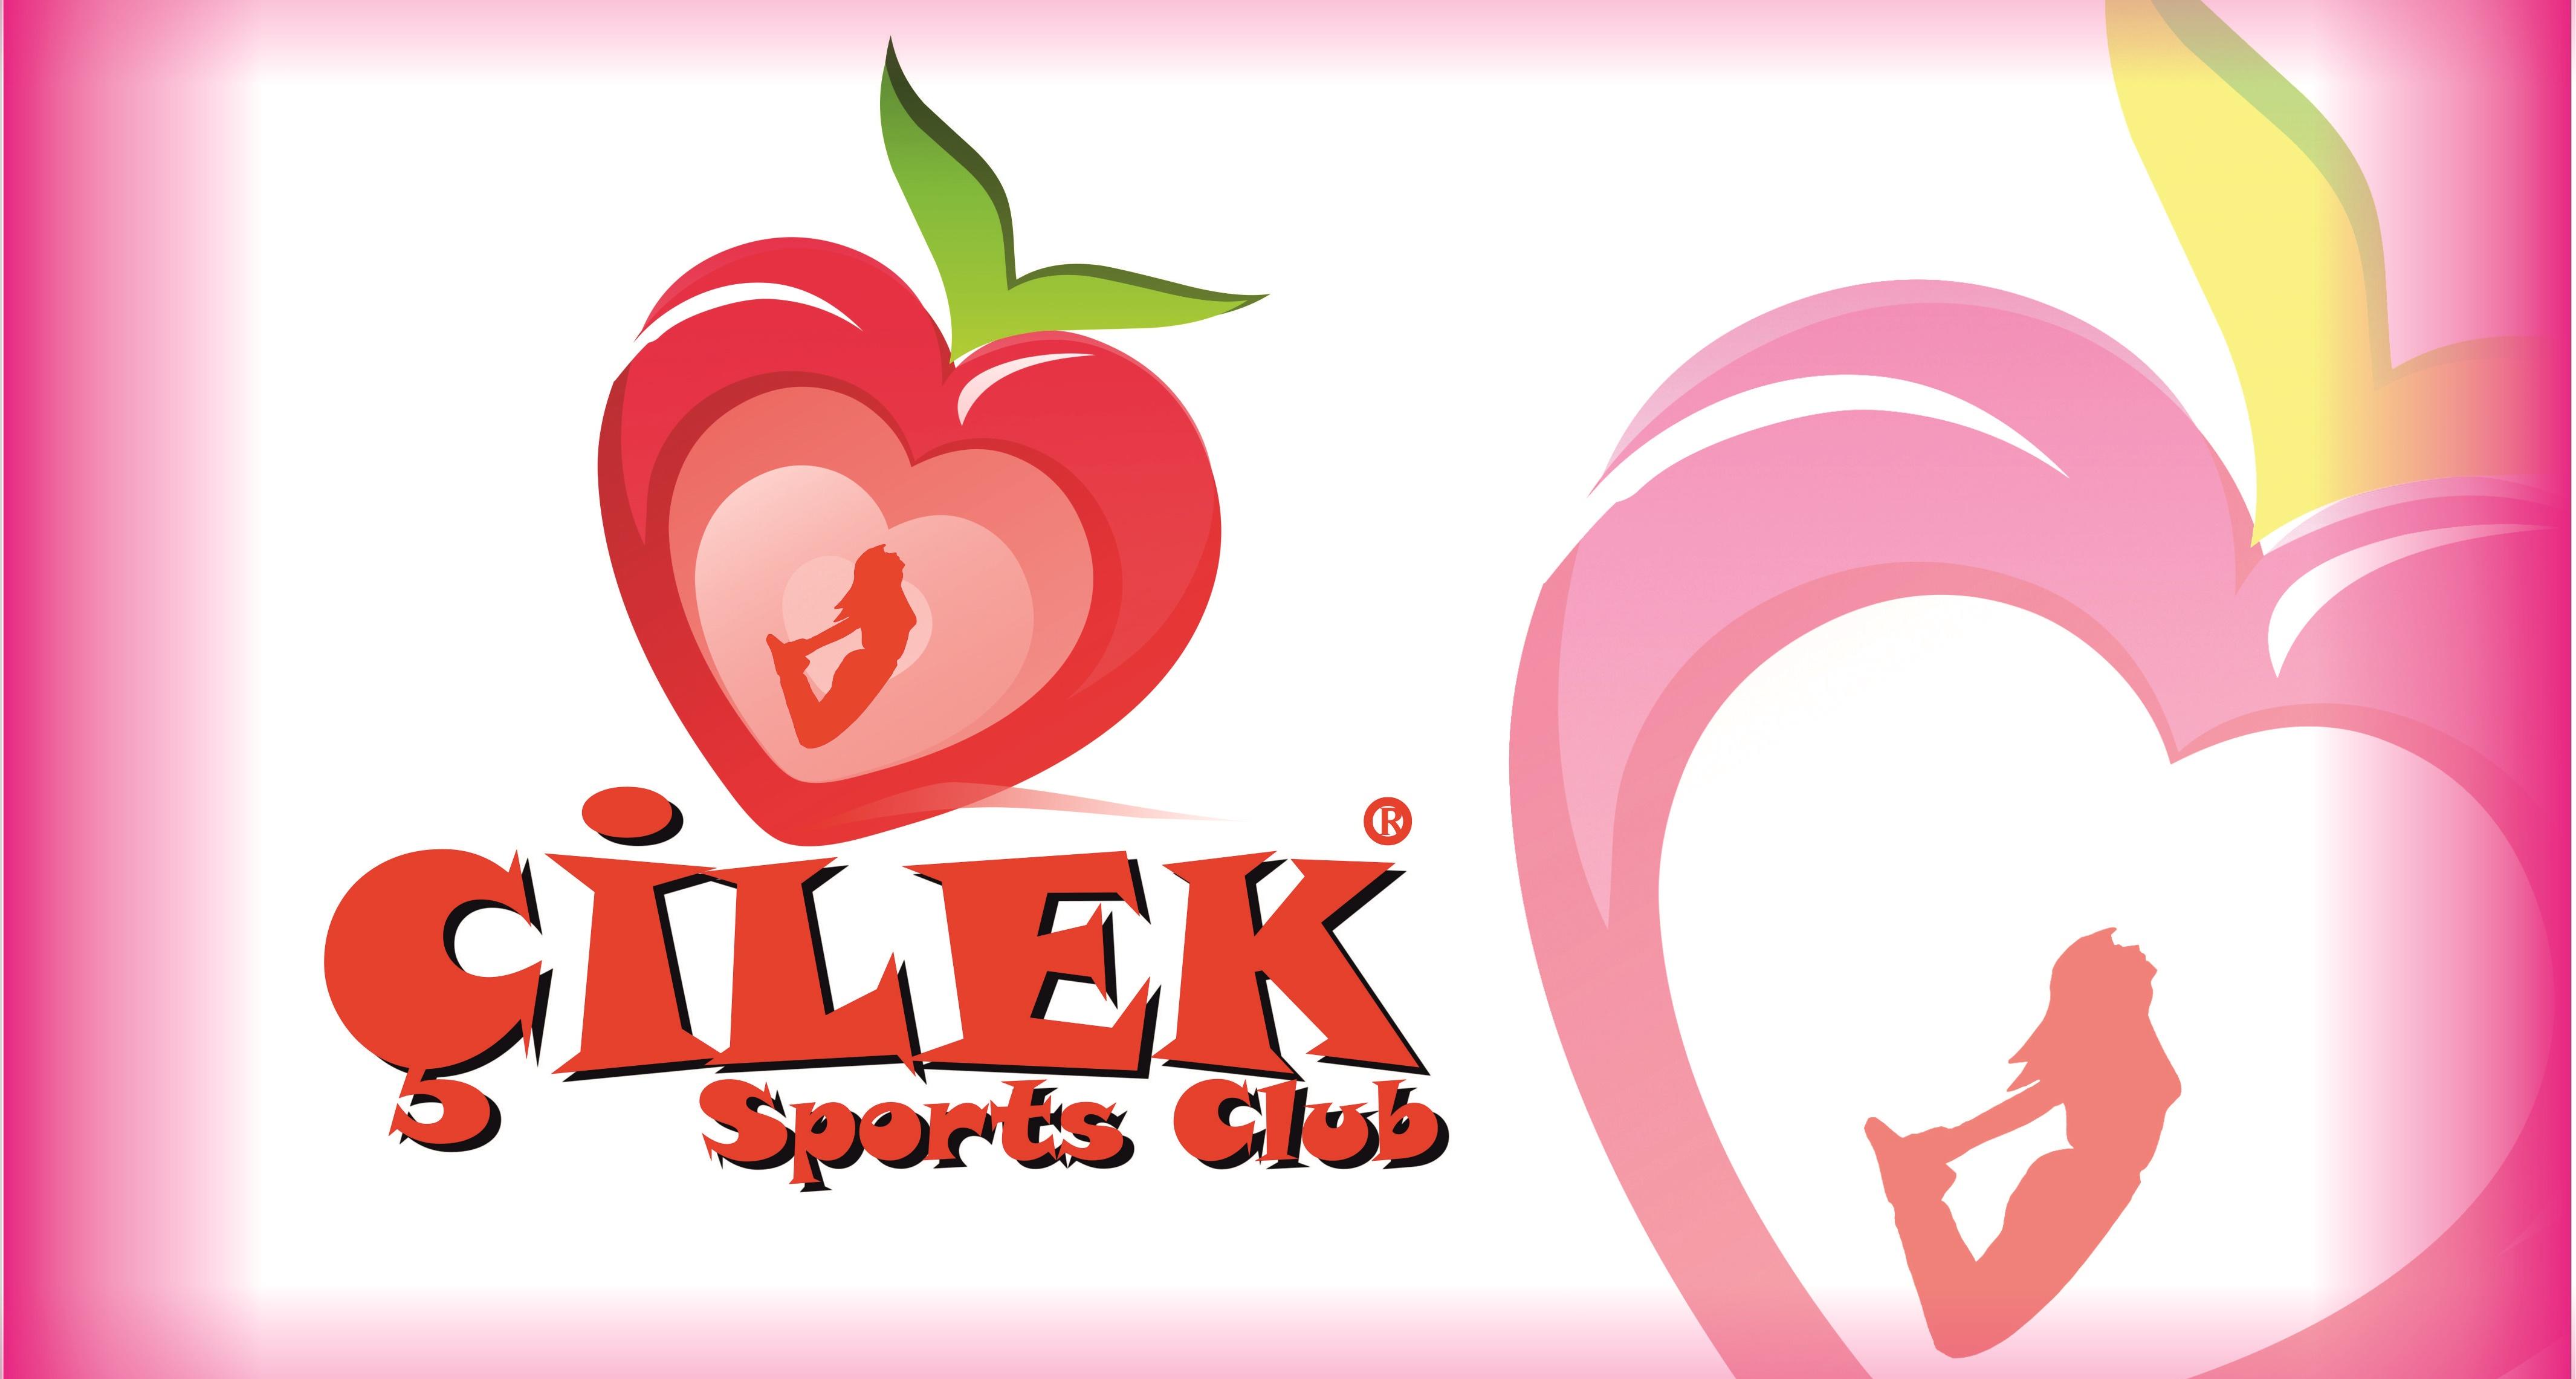 Cilek Spor Kadınlara ve Çocuklara Özel Spor Merkezleri